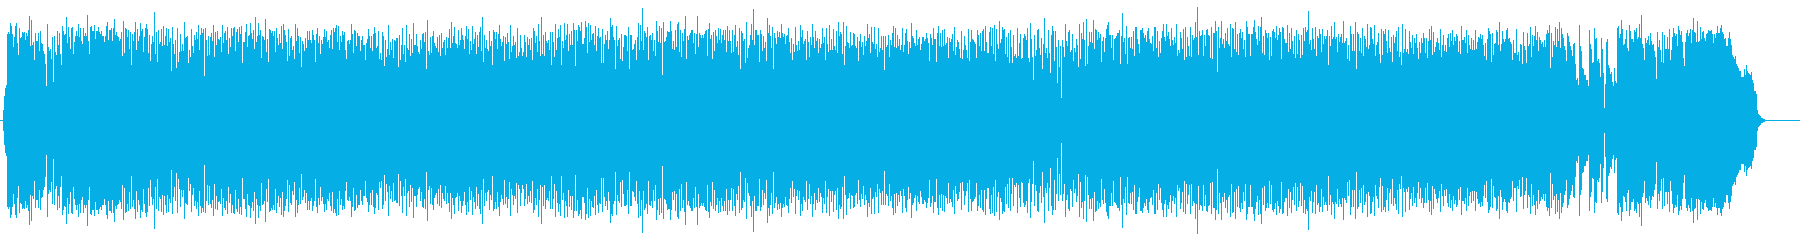 透明感のある澄んだ音色のオーケストラ曲の再生済みの波形